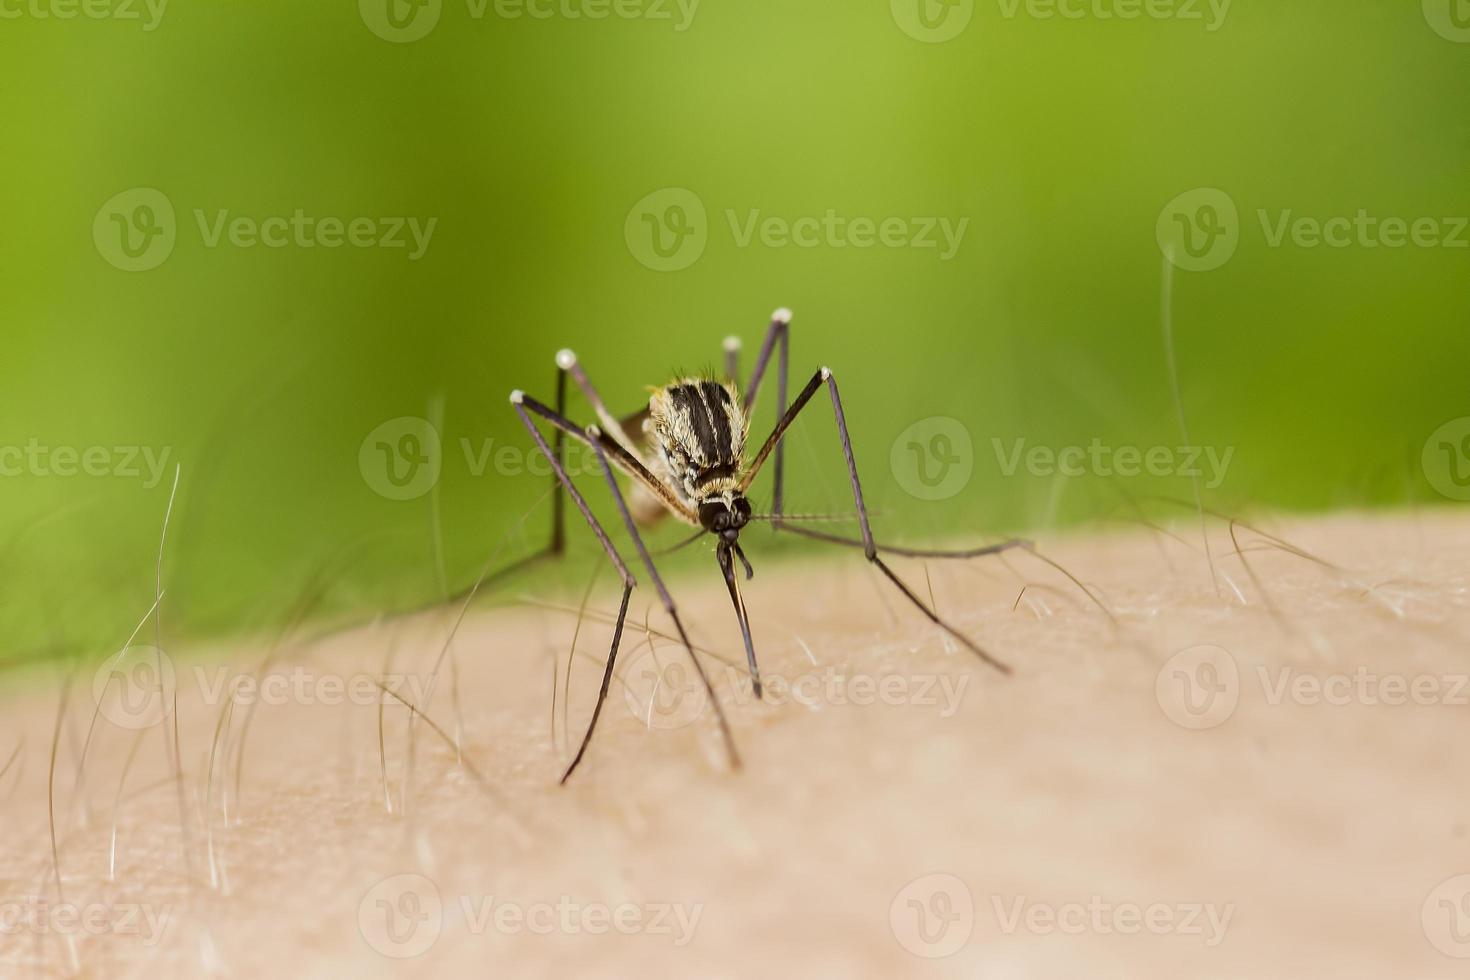 mosquito tigre de plantão foto